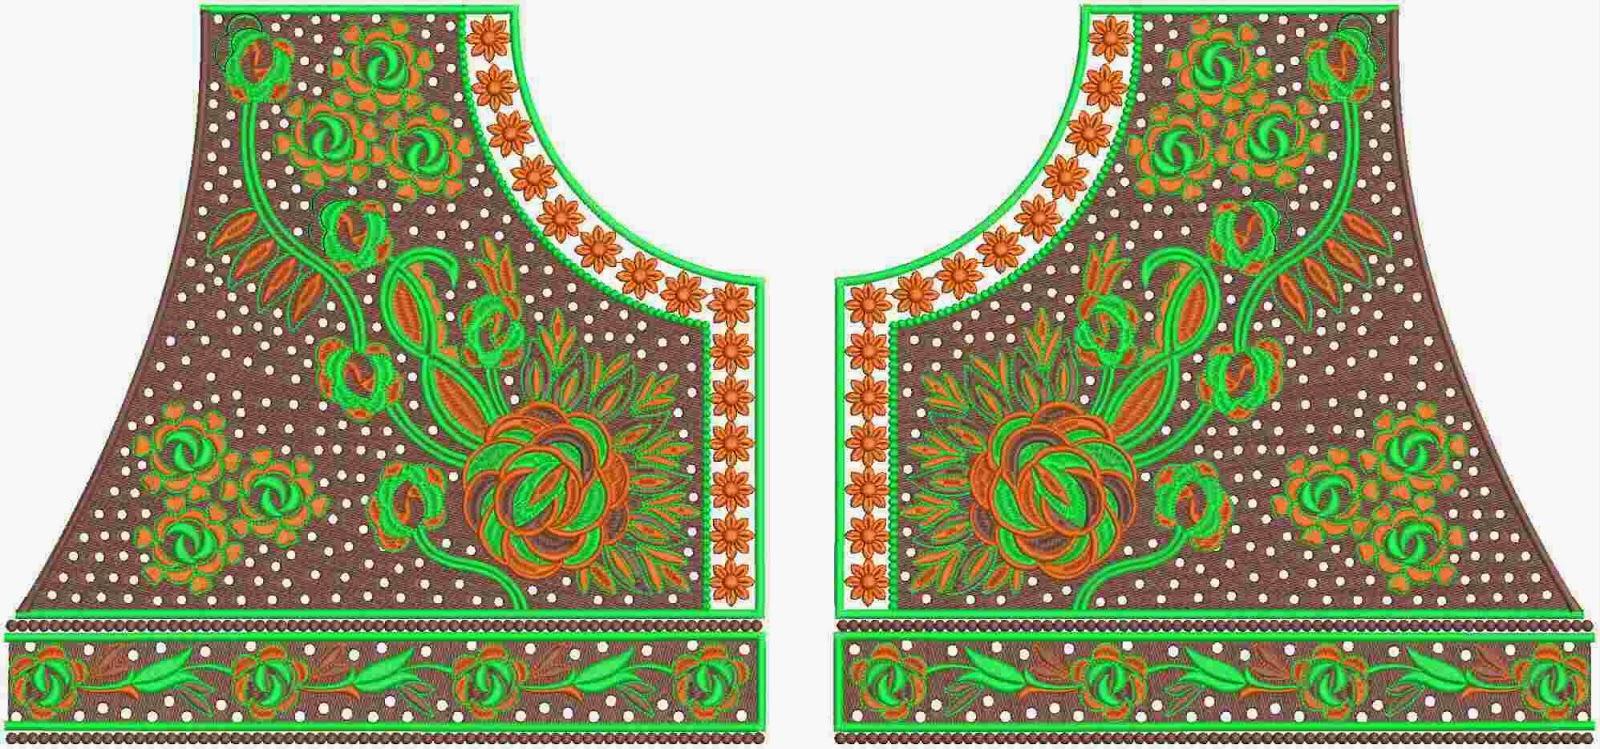 Groen kleur borduurwerk nek ontwerp